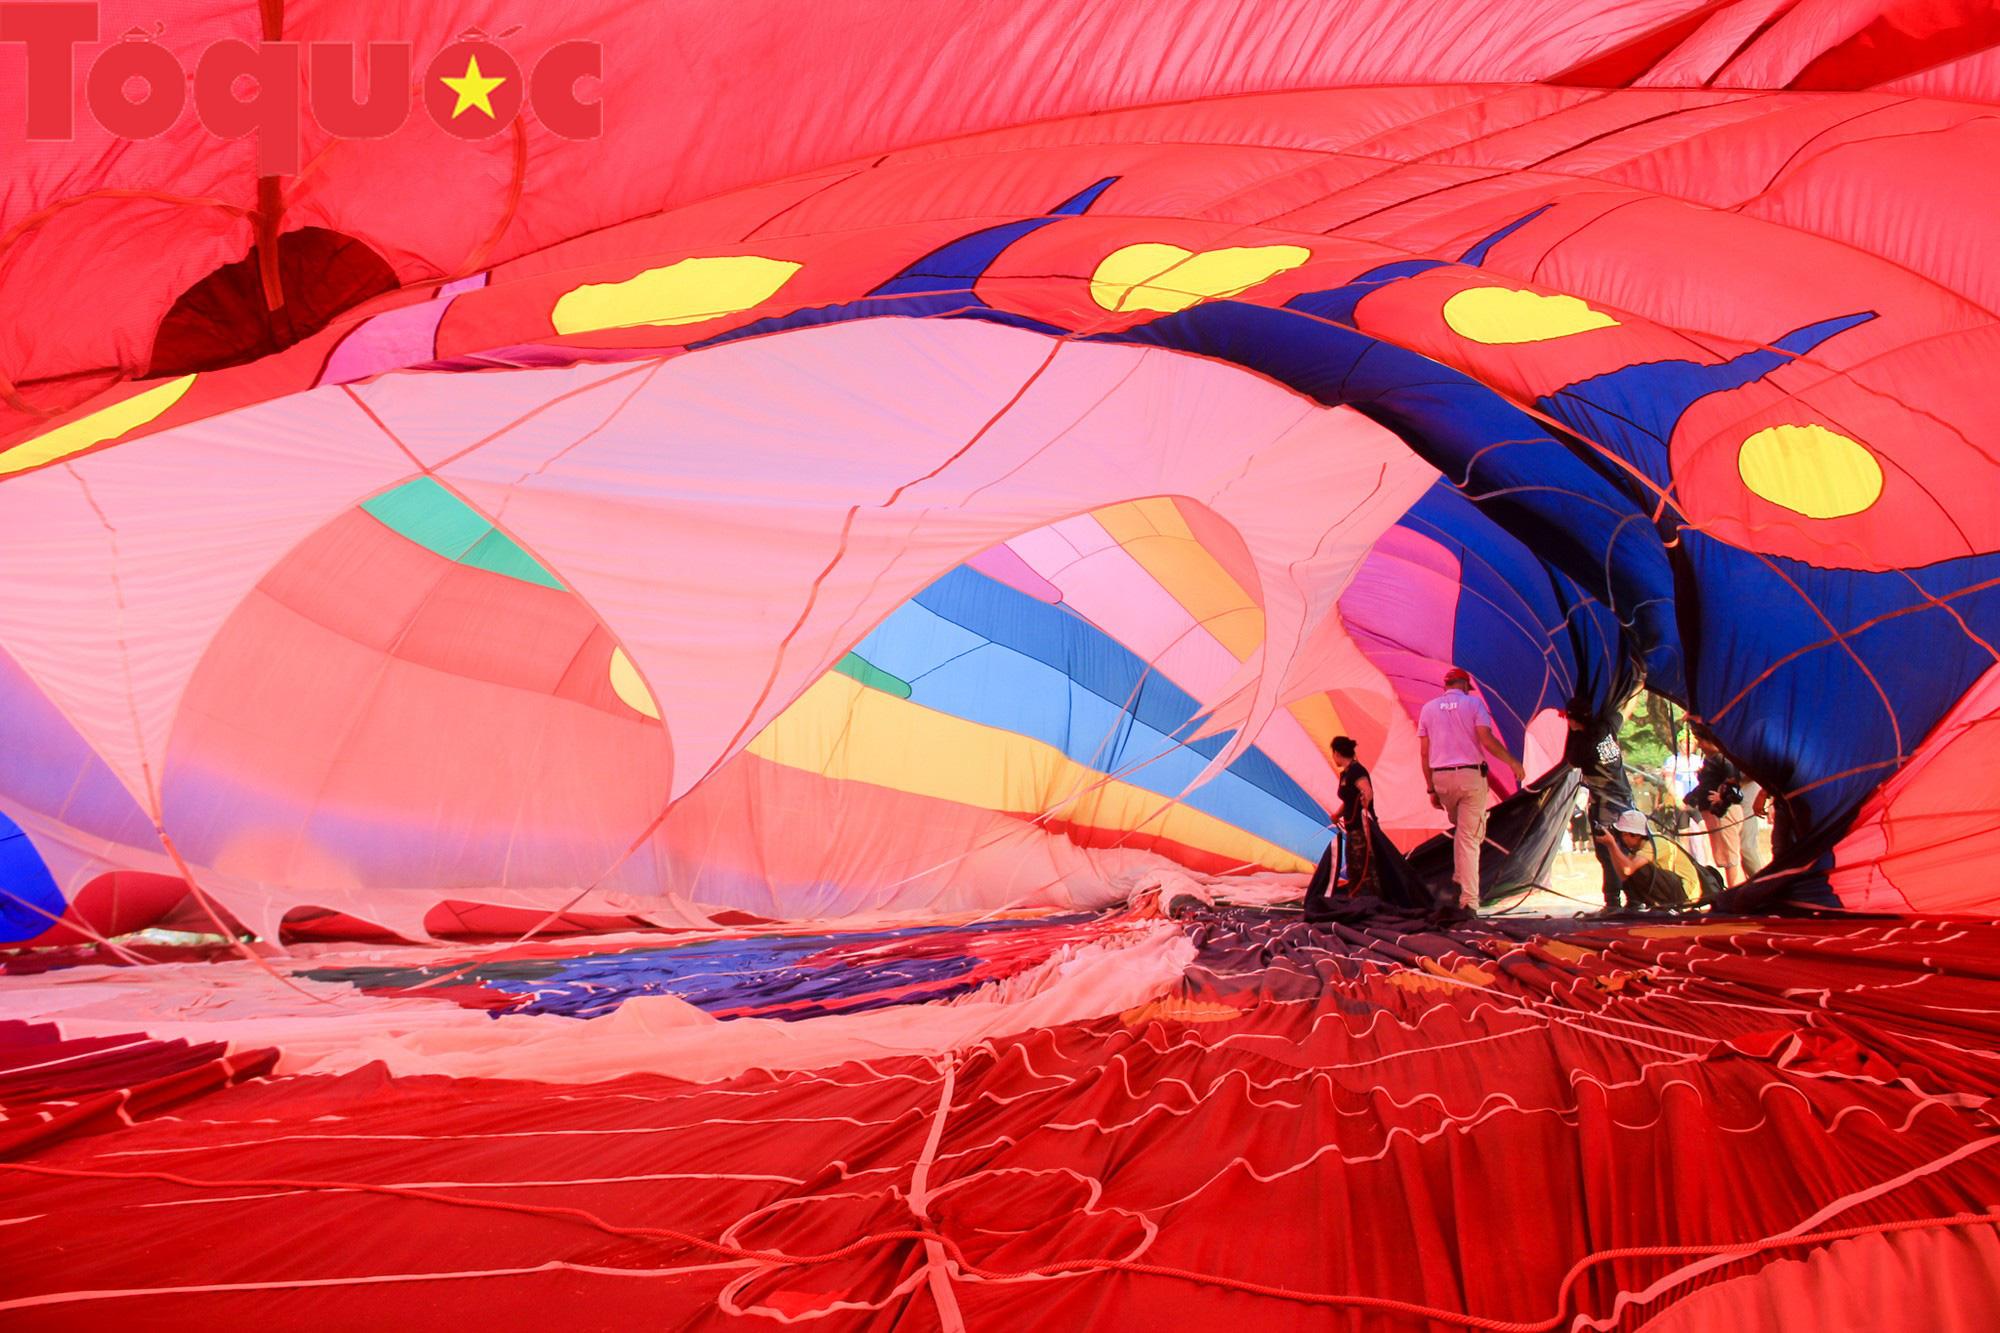 Du khách thích thú ngắm những quả bóng bay khổng lồ trên bầu trời Cố đô Huế - Ảnh 5.